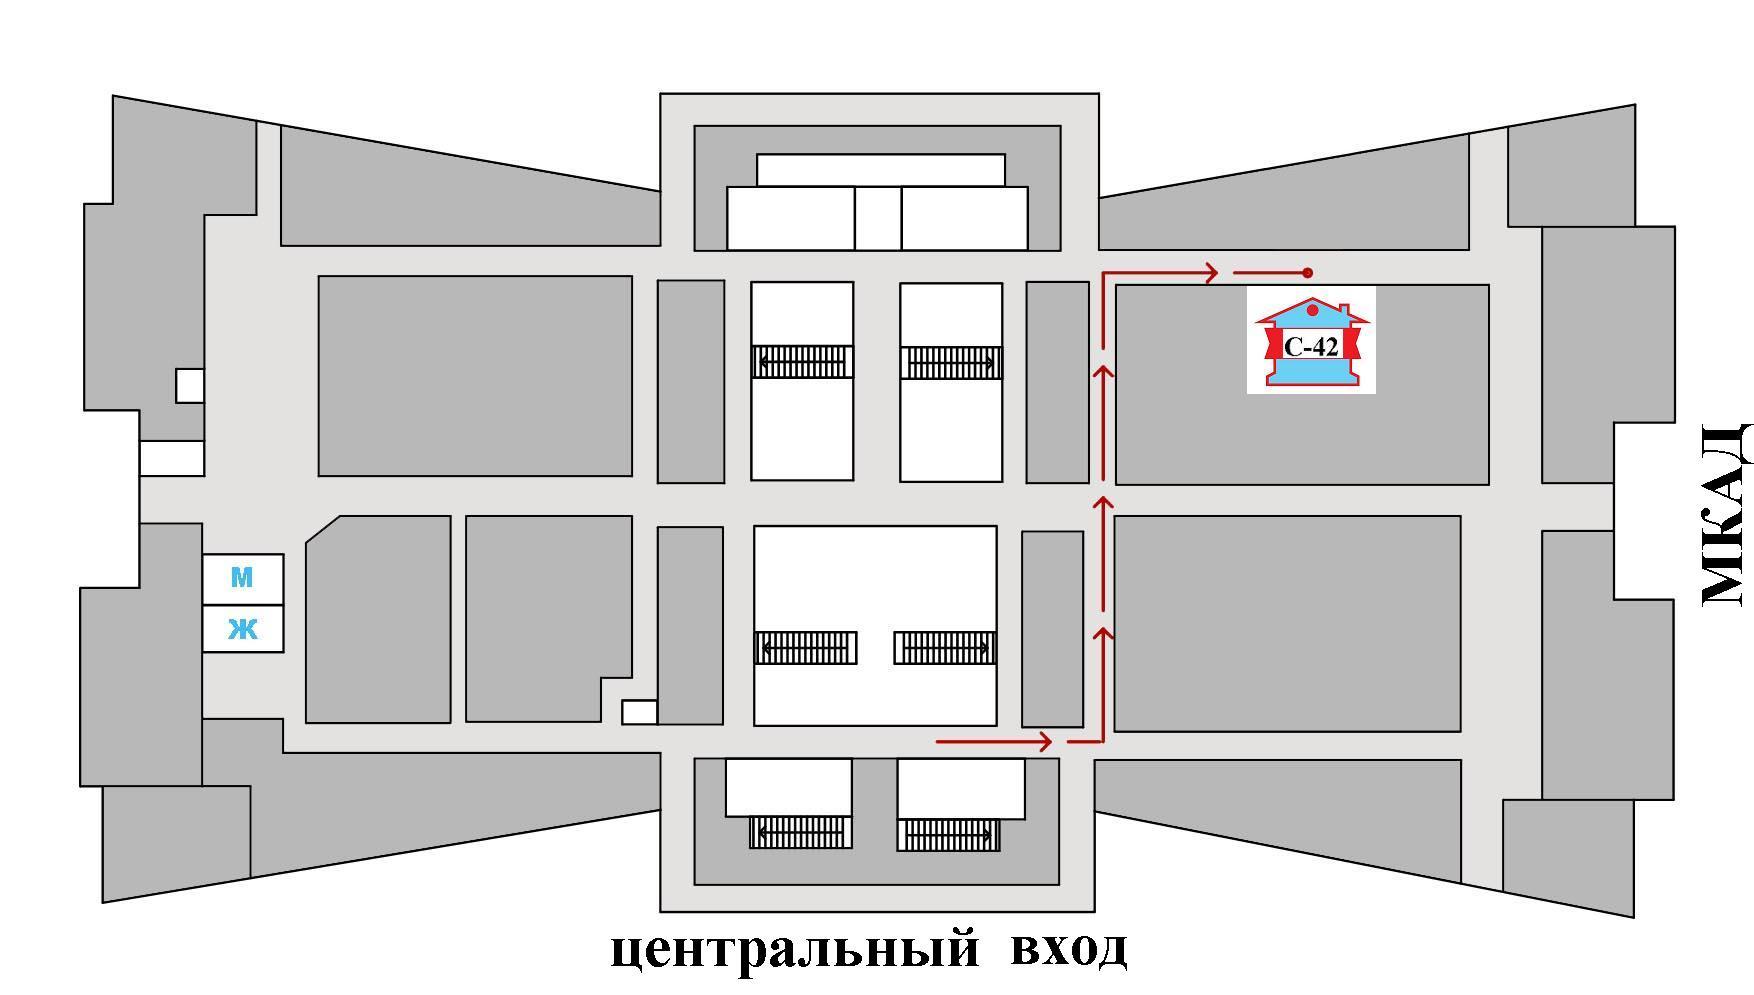 Схема расположения магазина teplo4you.ru в Торговом Центре